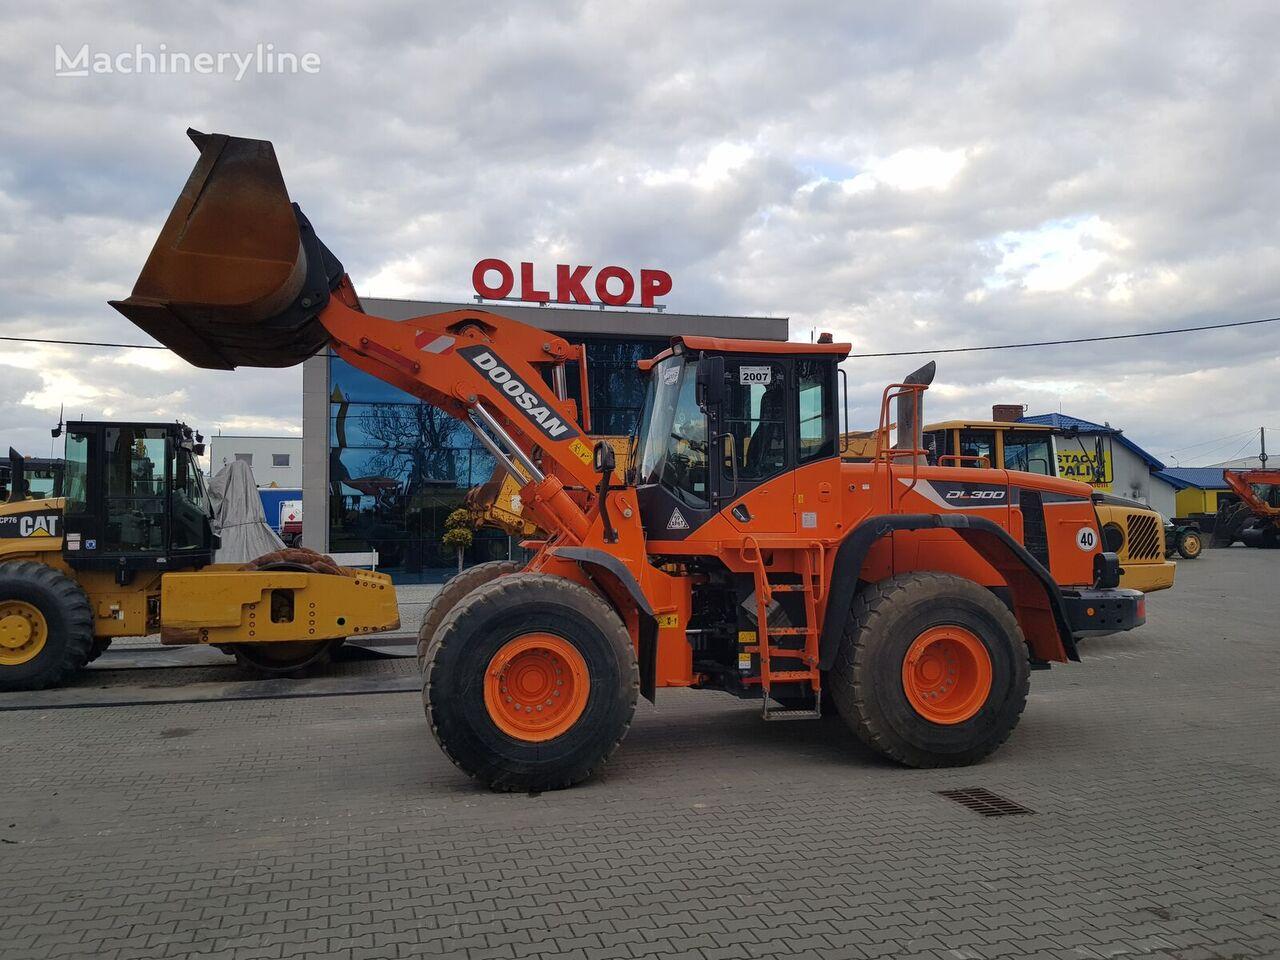 DOOSAN DL300-5 / on-board system ROADMASTER a50 / LOW HOURS  wheel loader